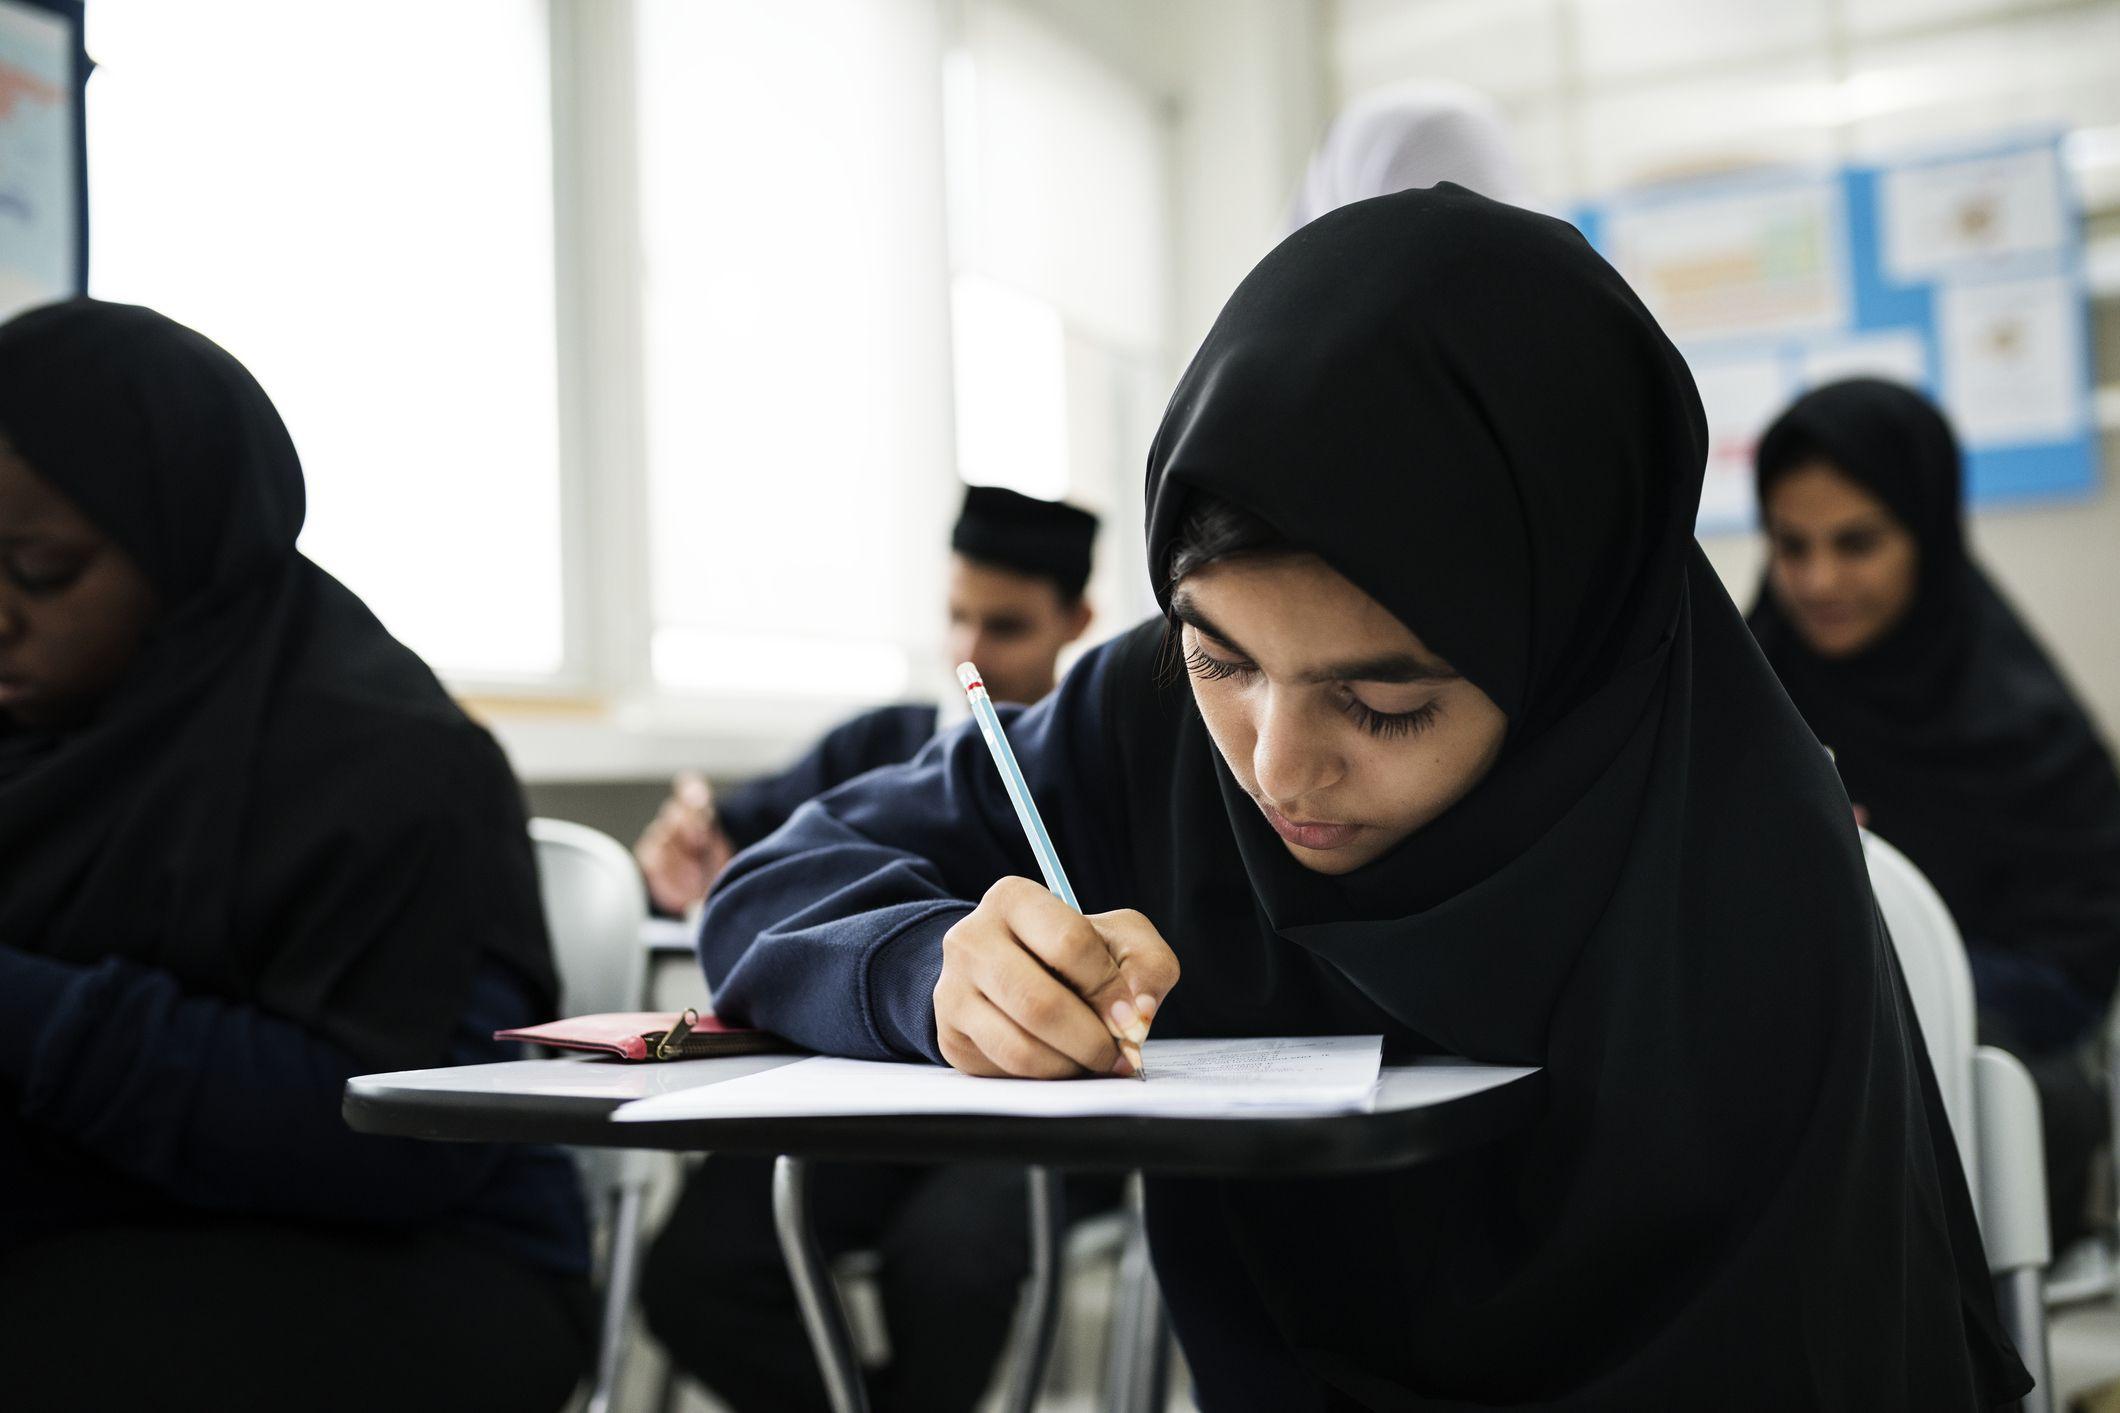 Bélgica suspende cooperação com Ministério da Educação palestiniano